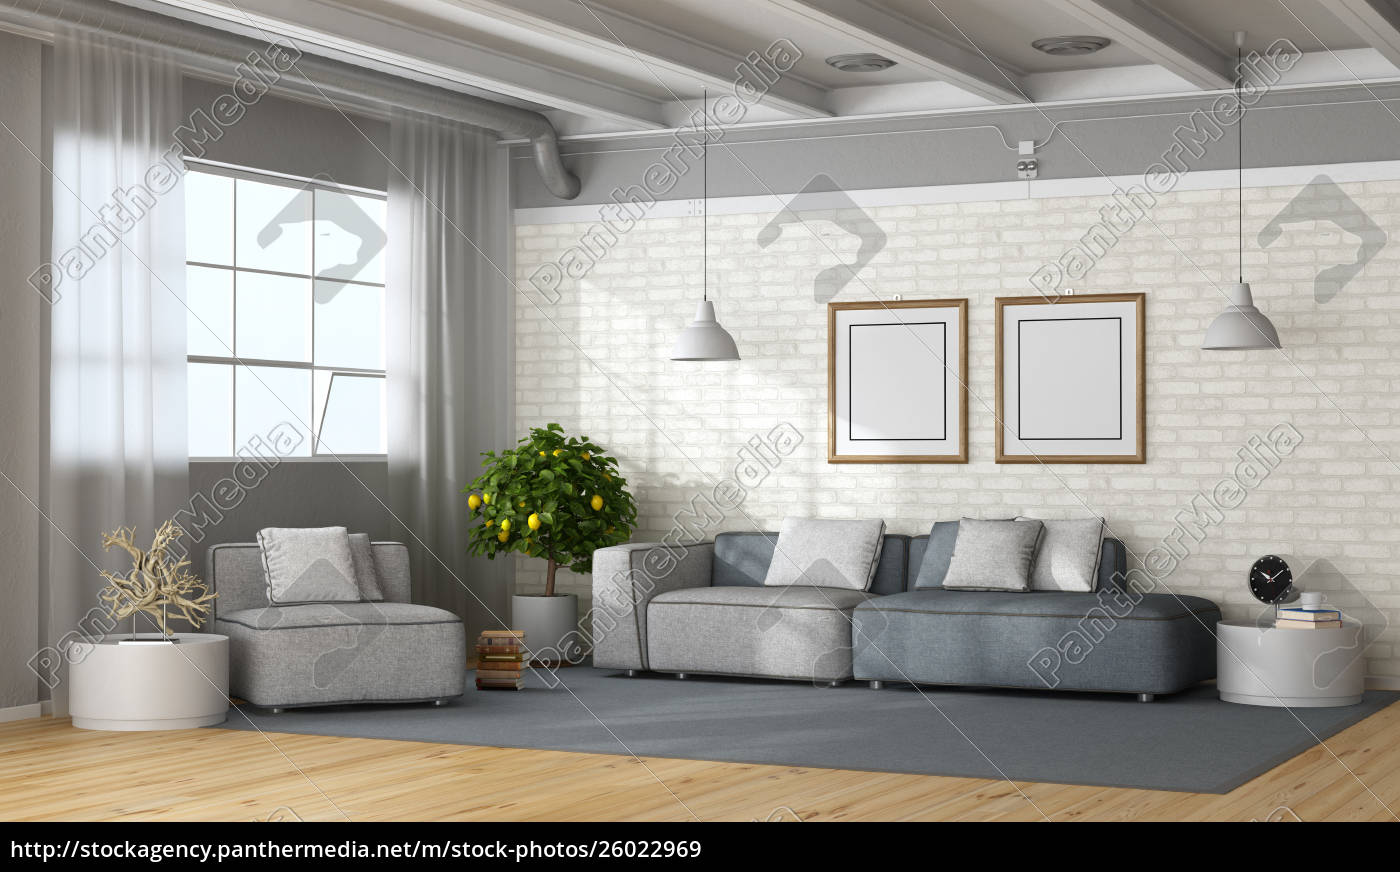 Stockfoto 10 - modernes wohnzimmer im